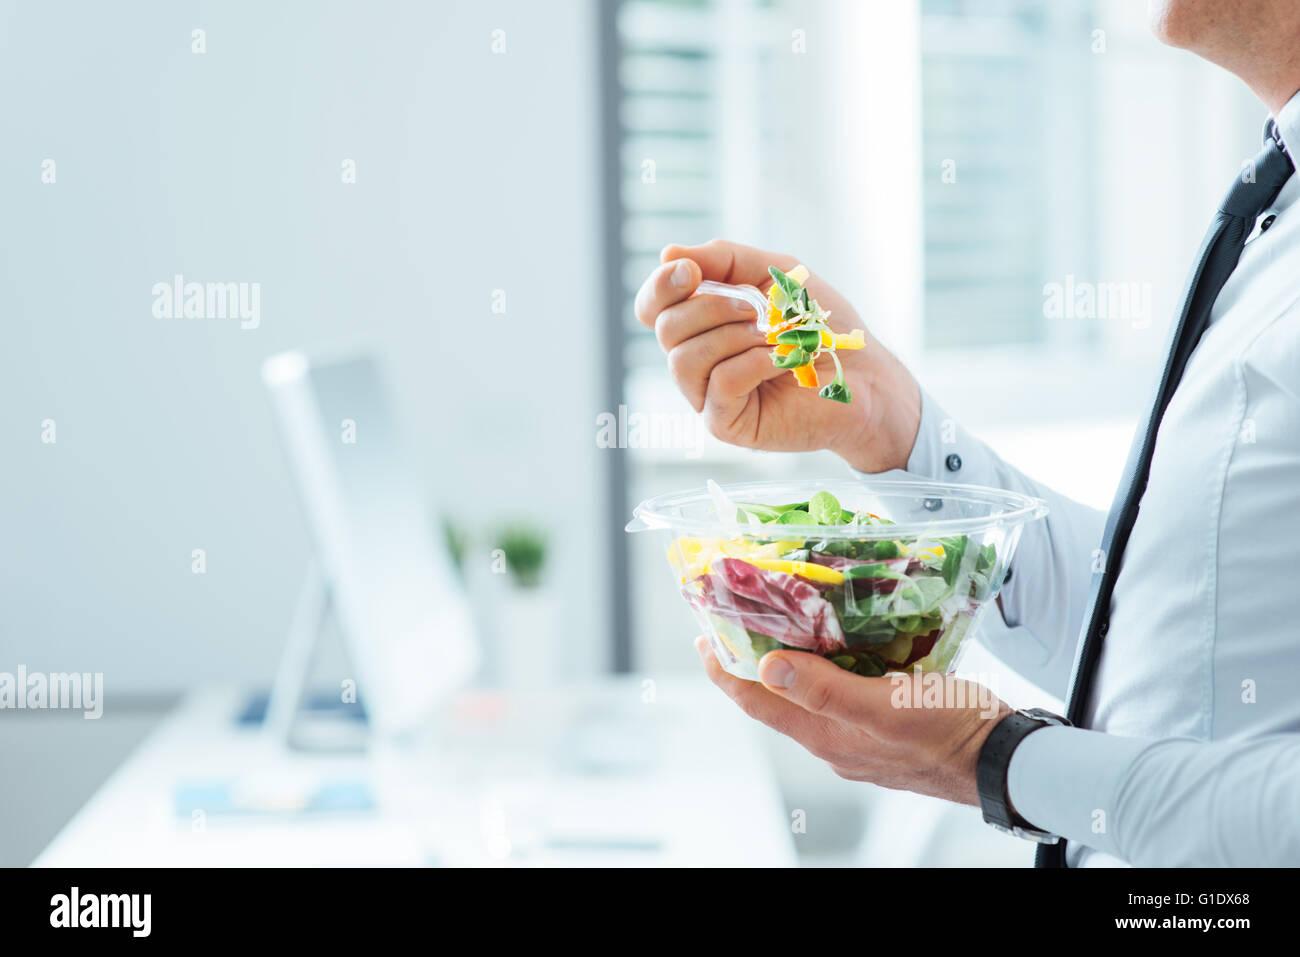 Geschäftsmann mit einem Gemüse-Salat zum Mittagessen, gesunde Ernährung und Lebensstil-Konzept, unerkennbar person Stockfoto